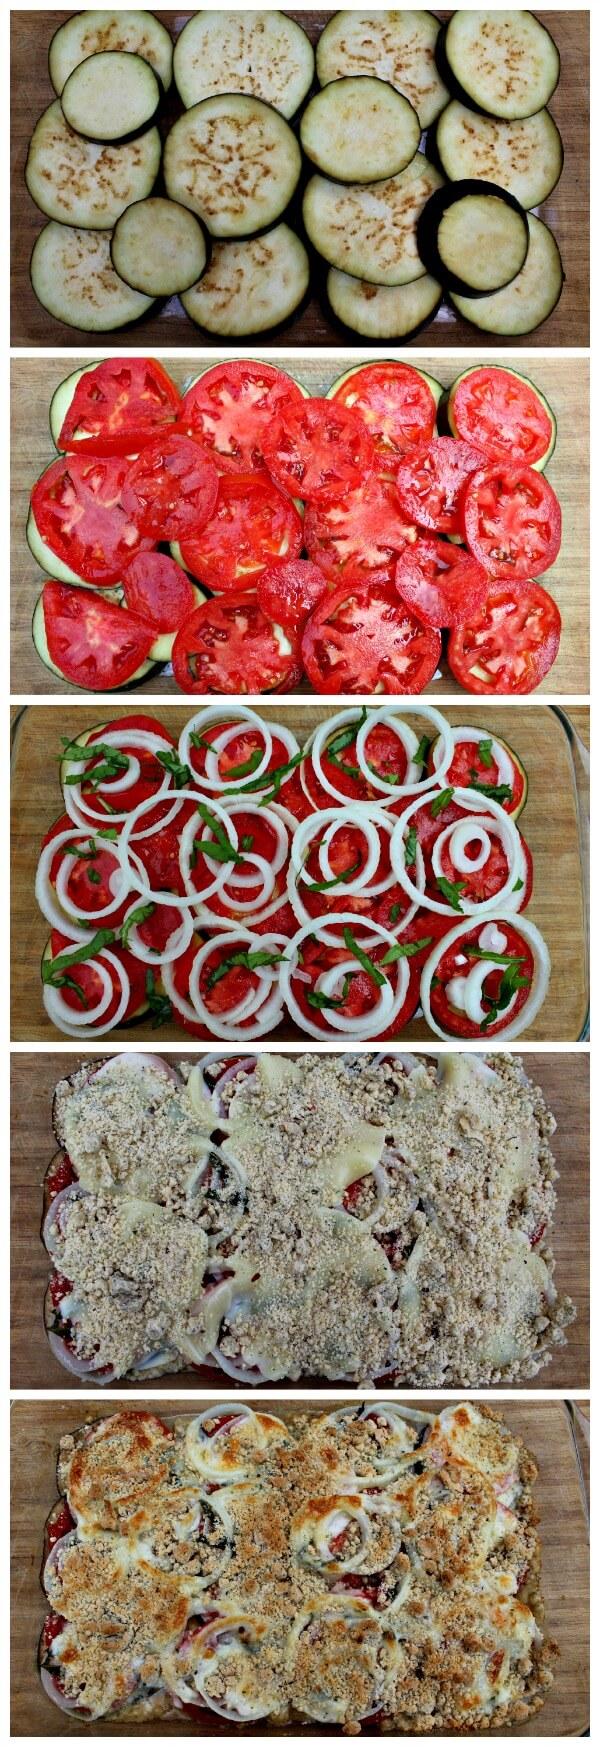 tomatoeggplantcollage